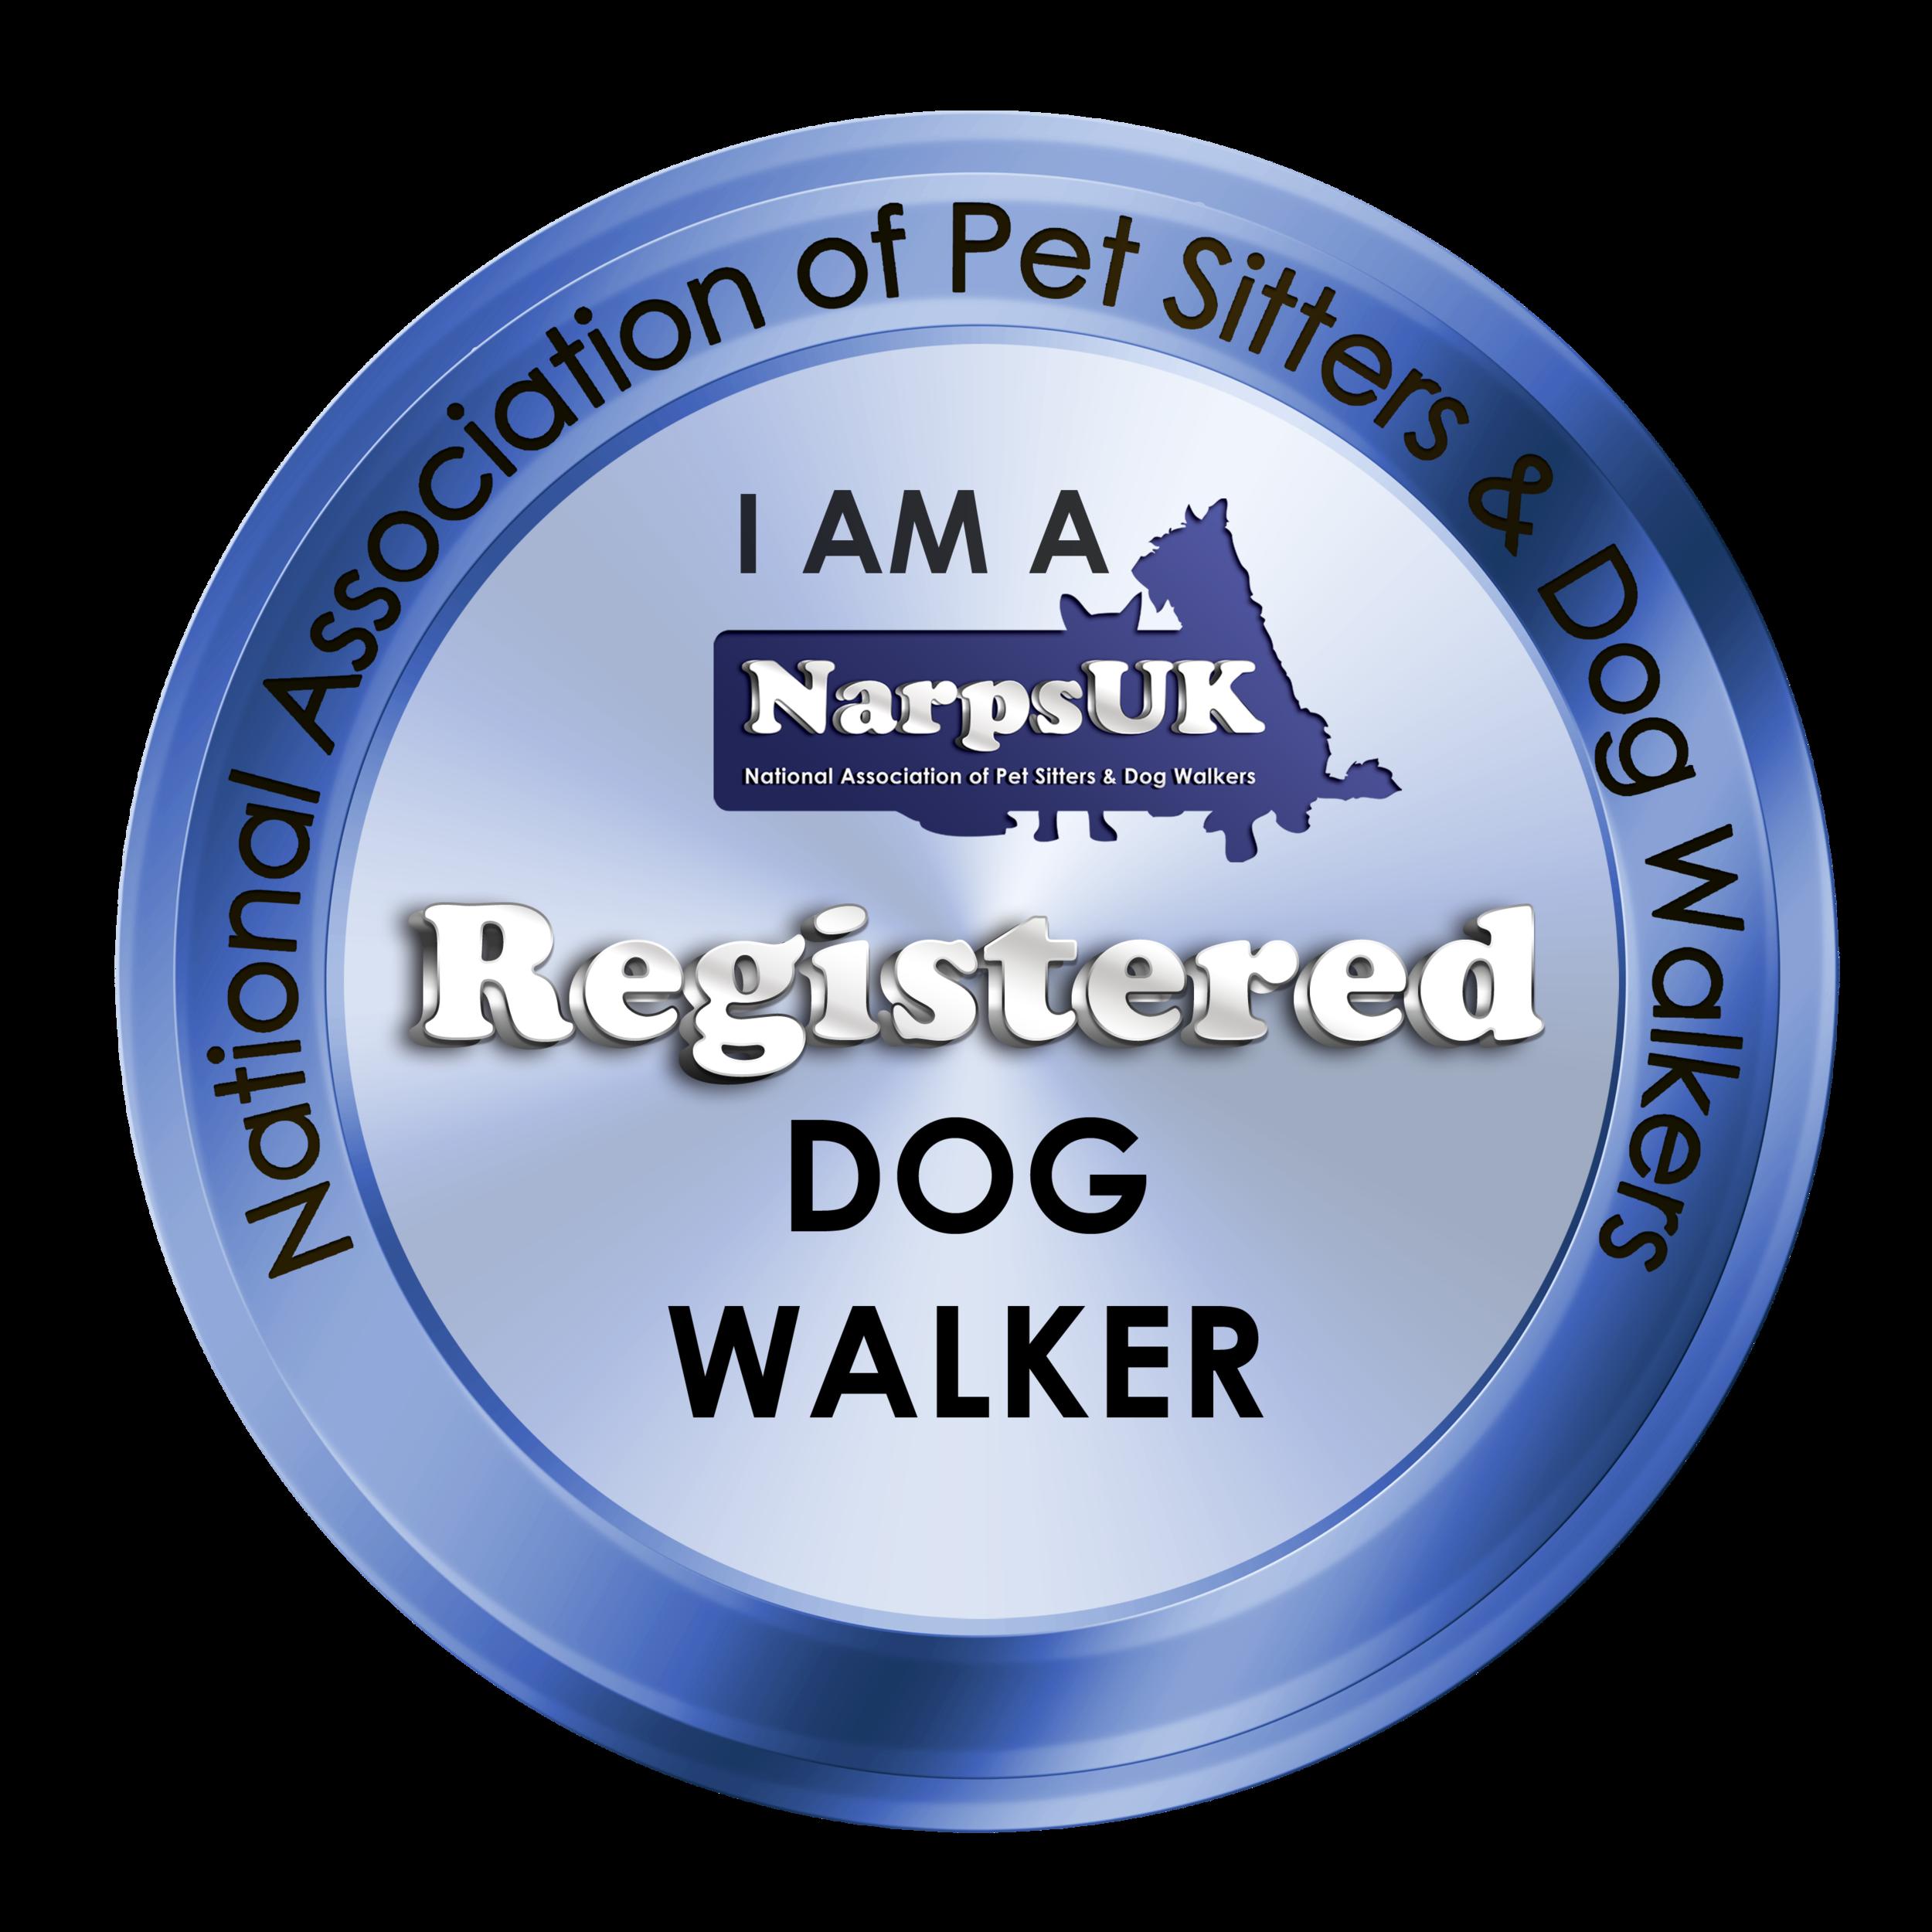 I-am-Dog-Walker.png